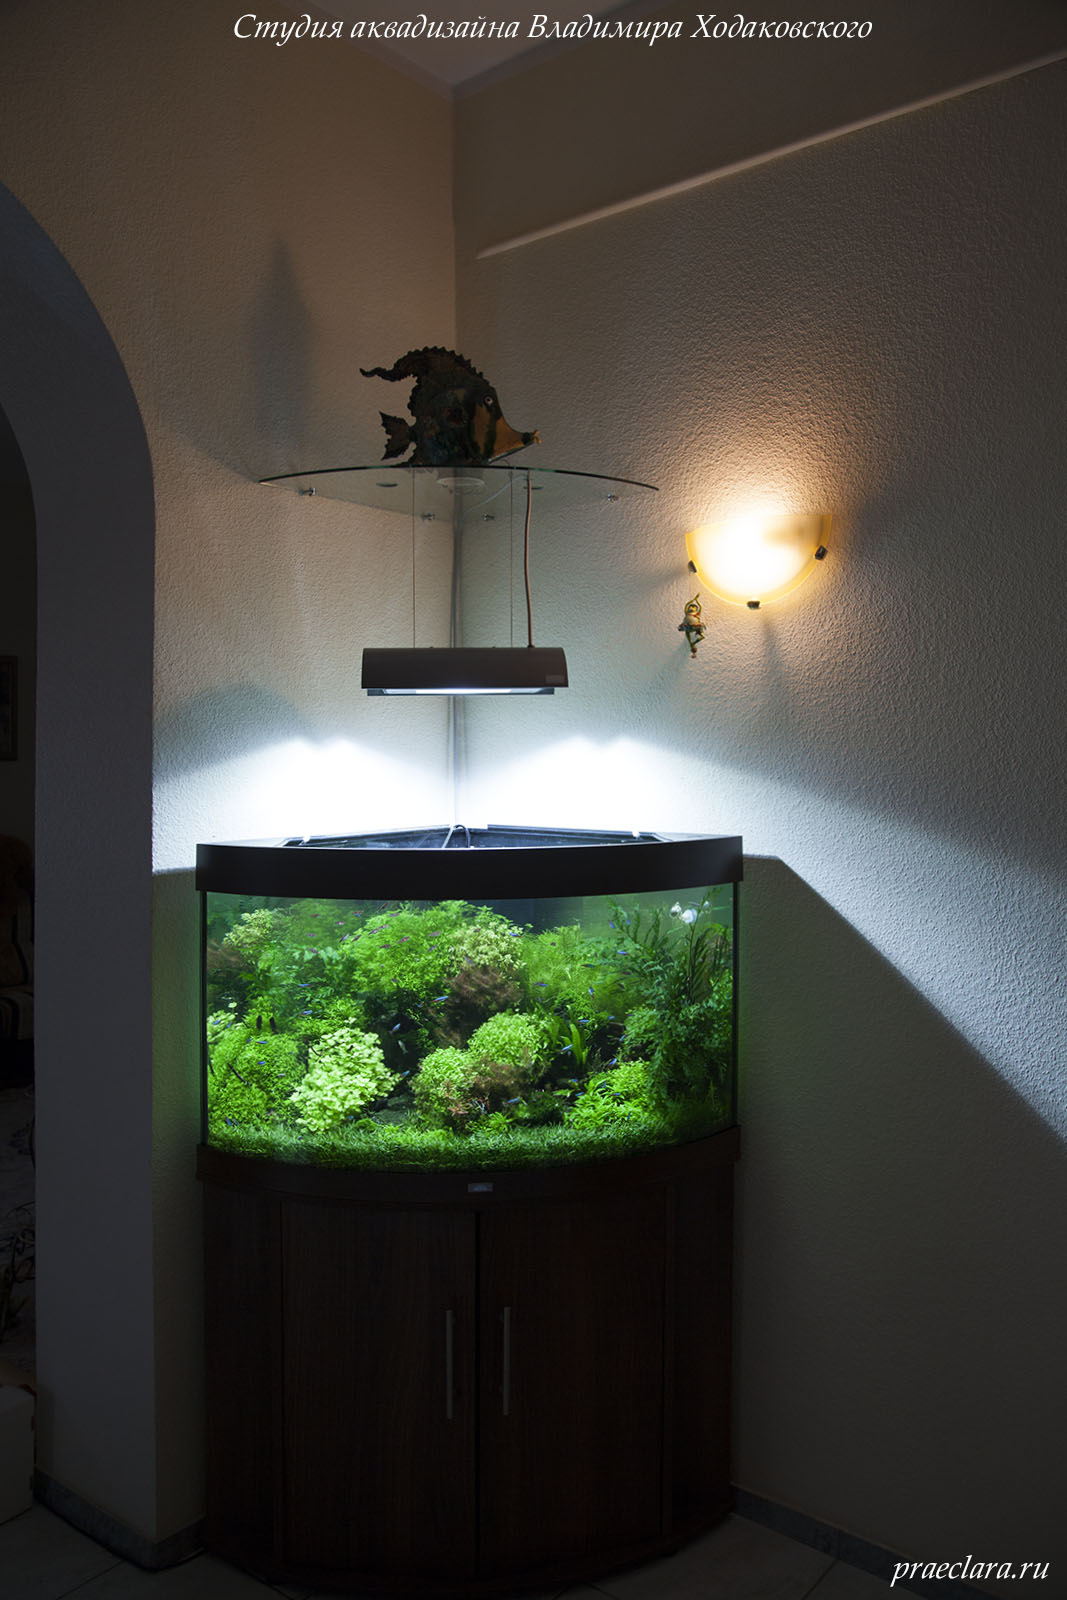 Замена источника света в аквариуме на Solar Ⅰ ADA.